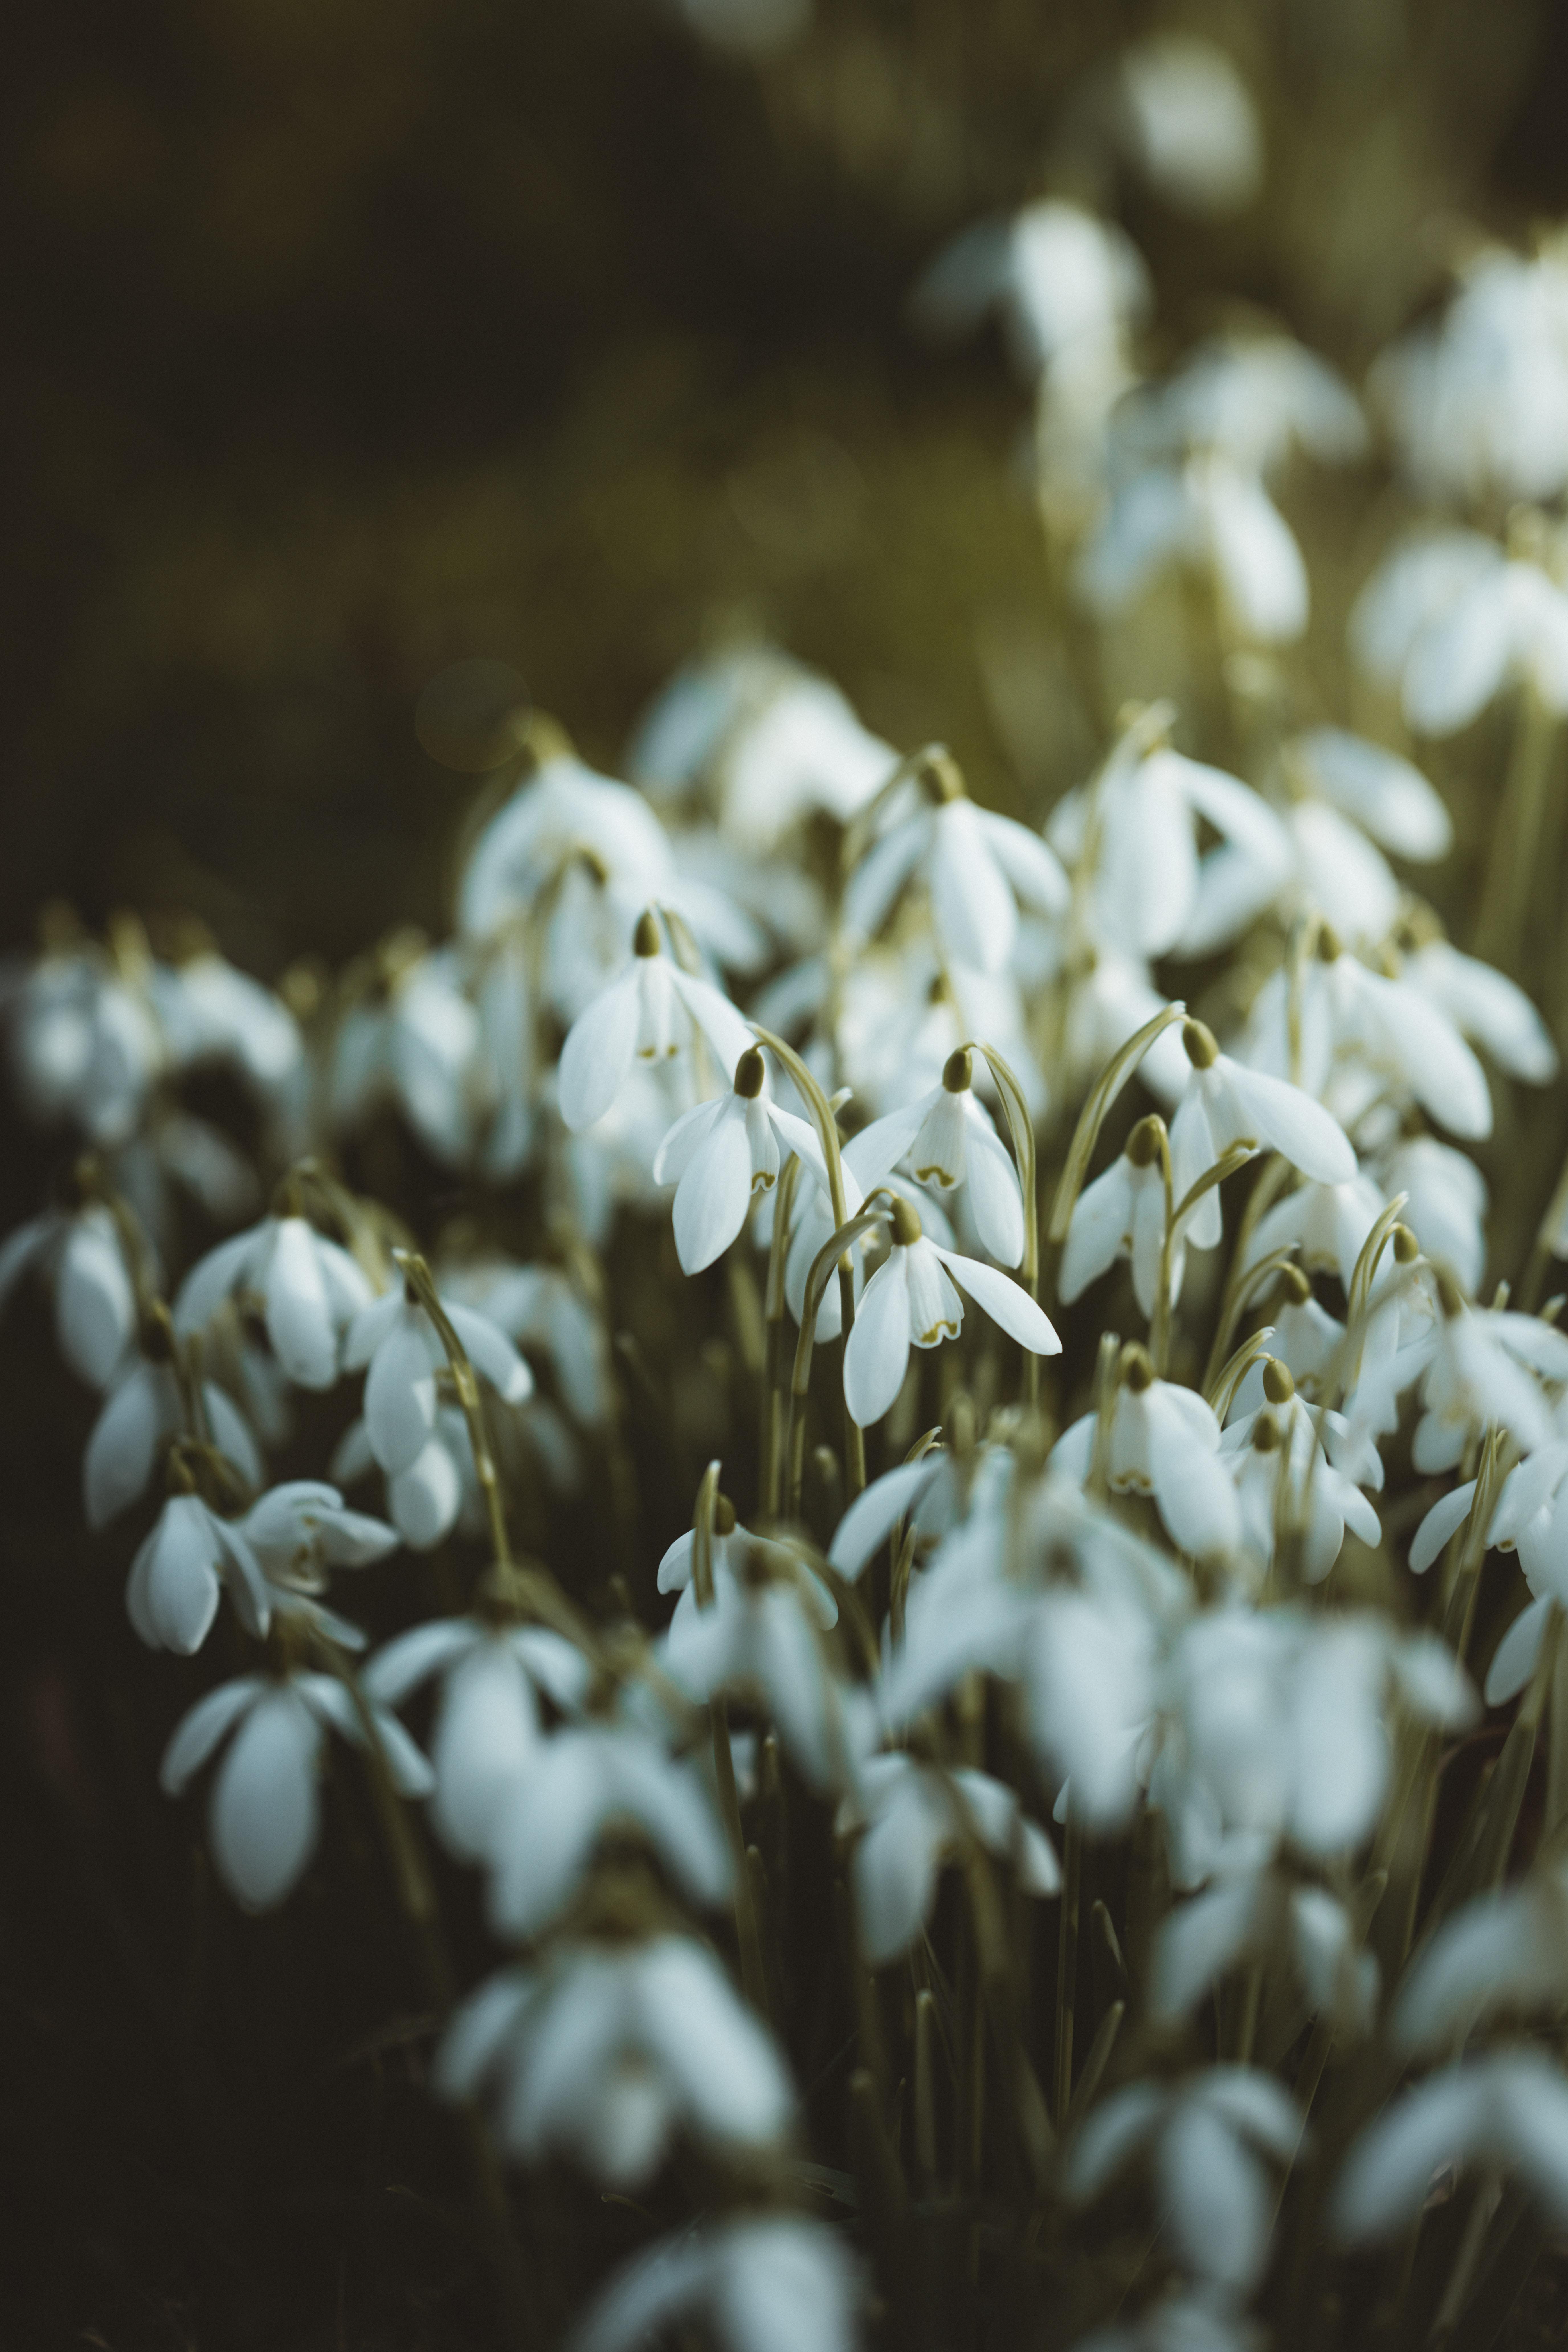 155441 Заставки и Обои Подснежники на телефон. Скачать Цветы, Подснежники, Белый, Весна картинки бесплатно